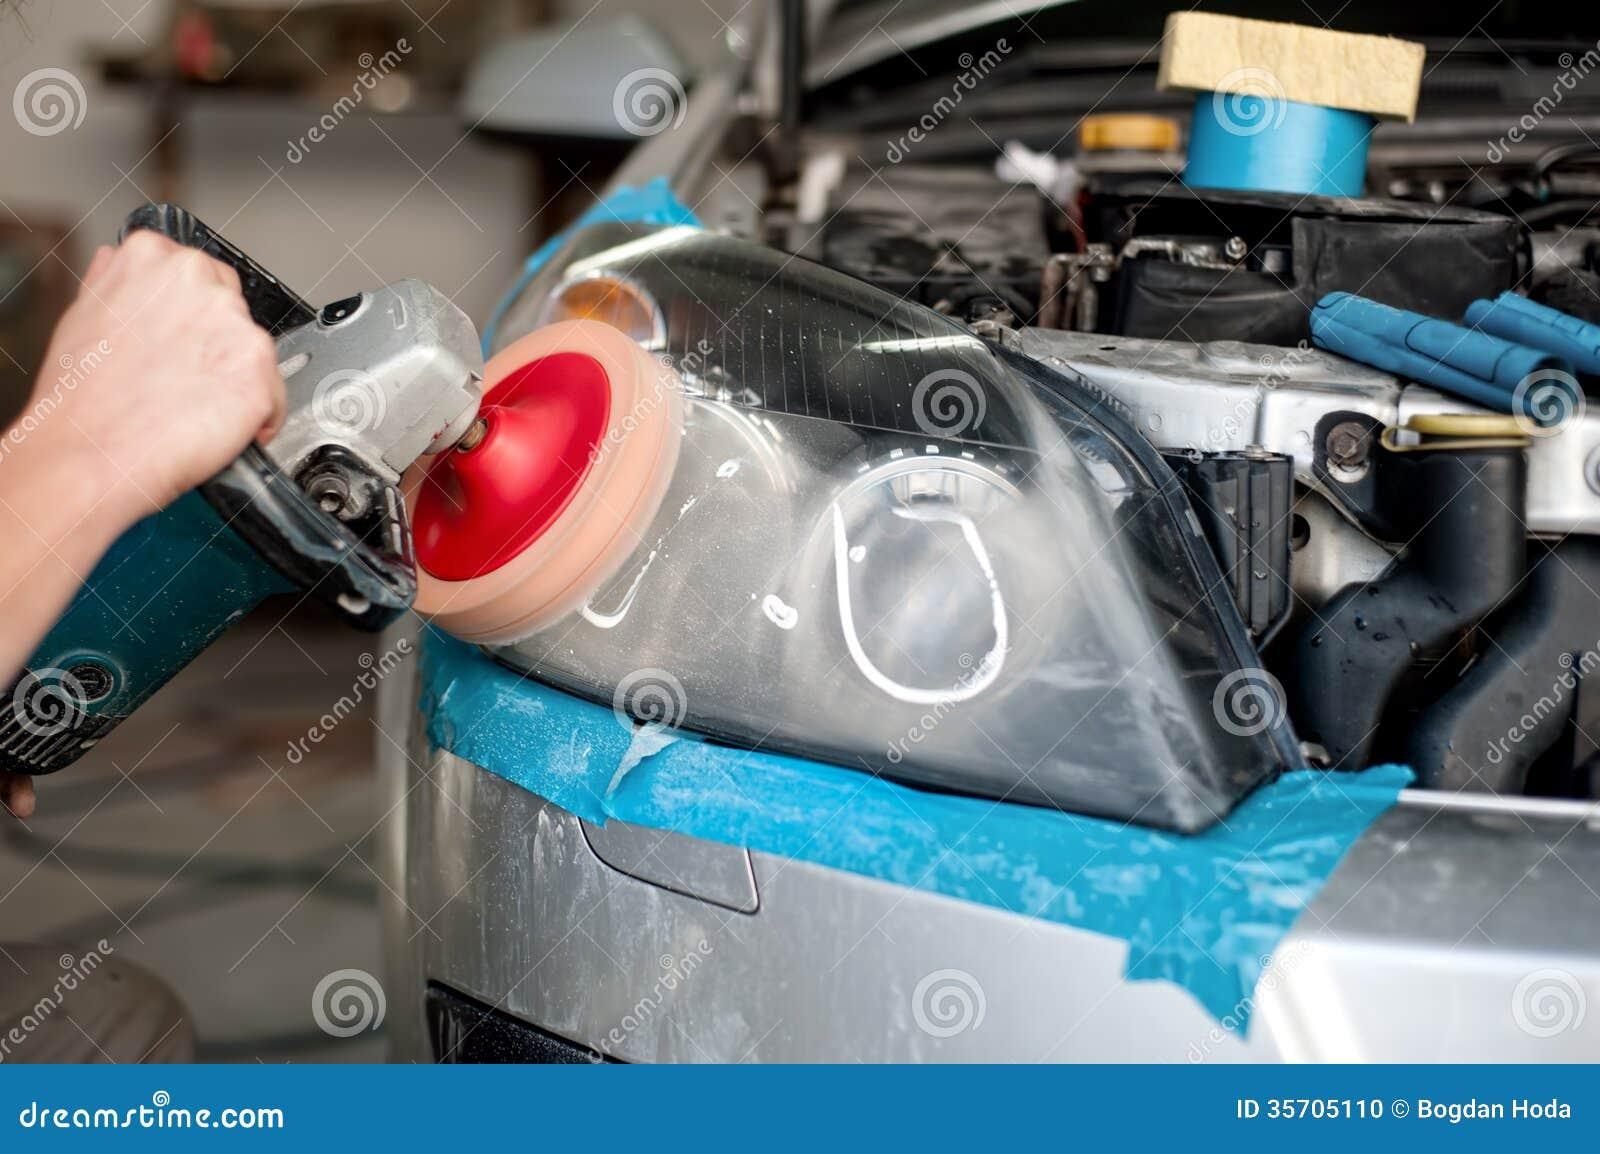 Car Polishing Service At Home